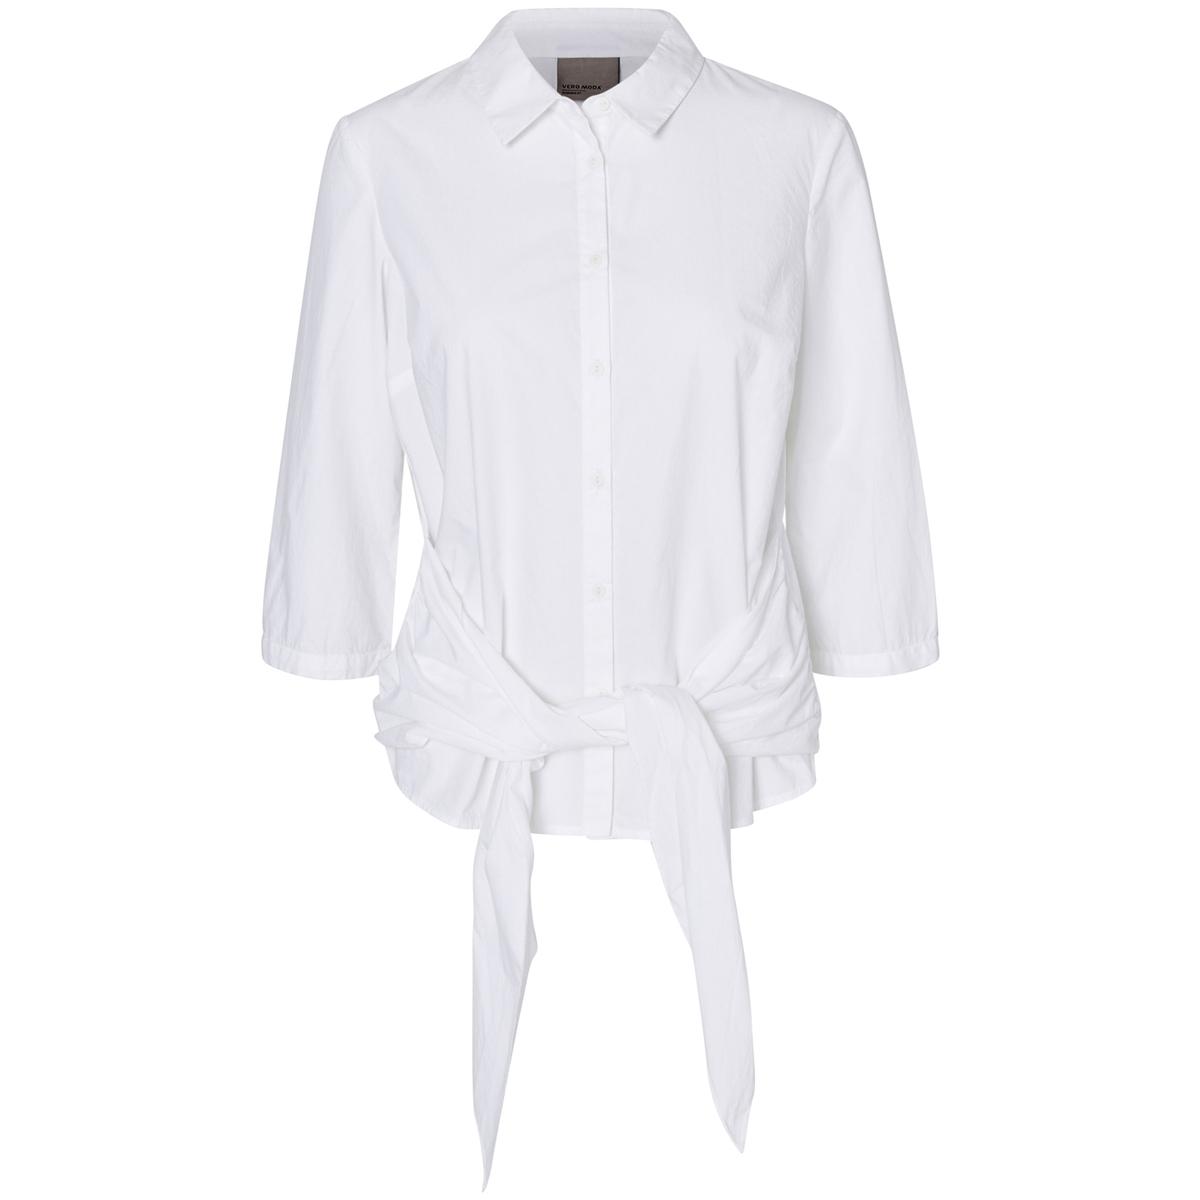 Рубашка прямого покроя из хлопкаМатериал : 100% хлопок   Покрой : прямой  Длина рукава : длинные рукава  Форма воротника : воротник-поло, рубашечный  Длина рубашки: стандартная  Покрой : прямой  Рисунок : однотонная модель<br><br>Цвет: белый,синий<br>Размер: L.M